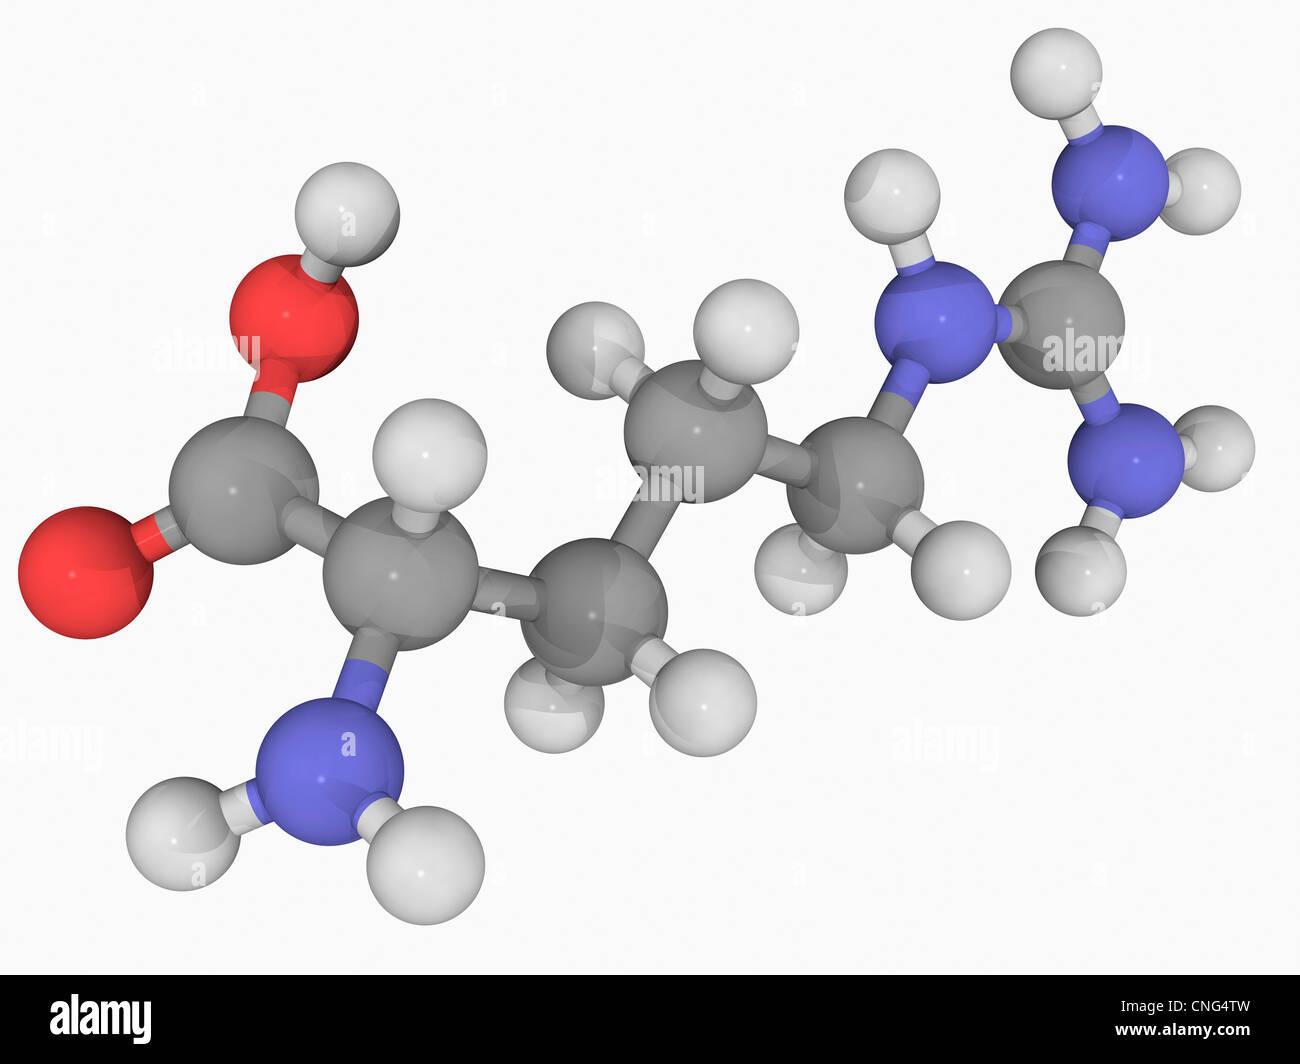 Arginin-Molekül Stockbild